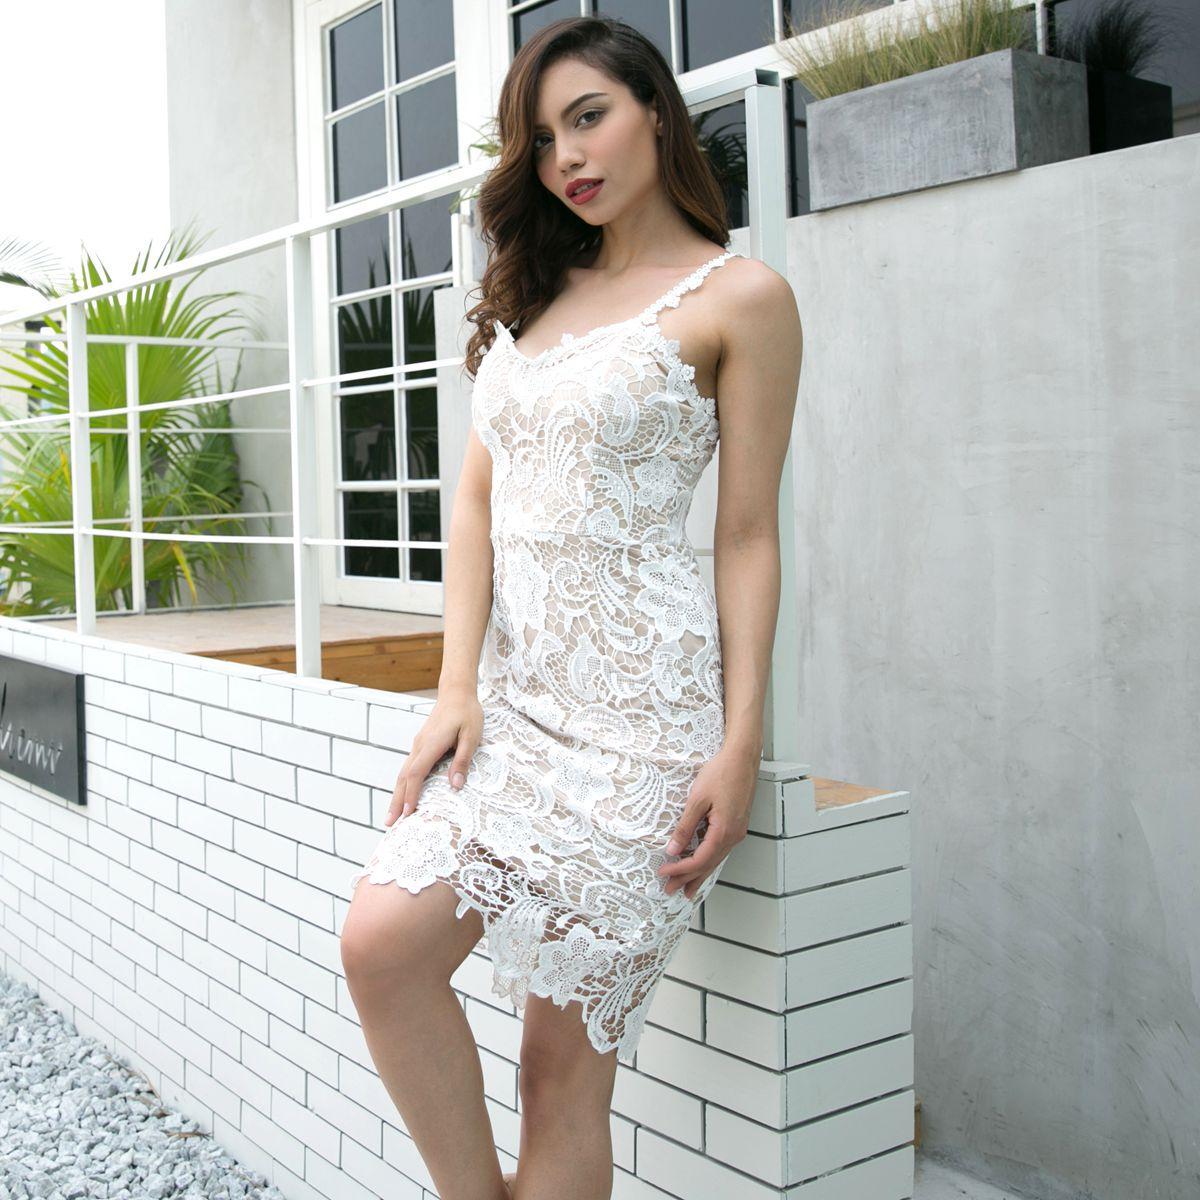 летнее платье 2019 женские миди повязку платье Сексуальная спагетти ремень Bodycon клуба партии платья Vestidos элегантное платье